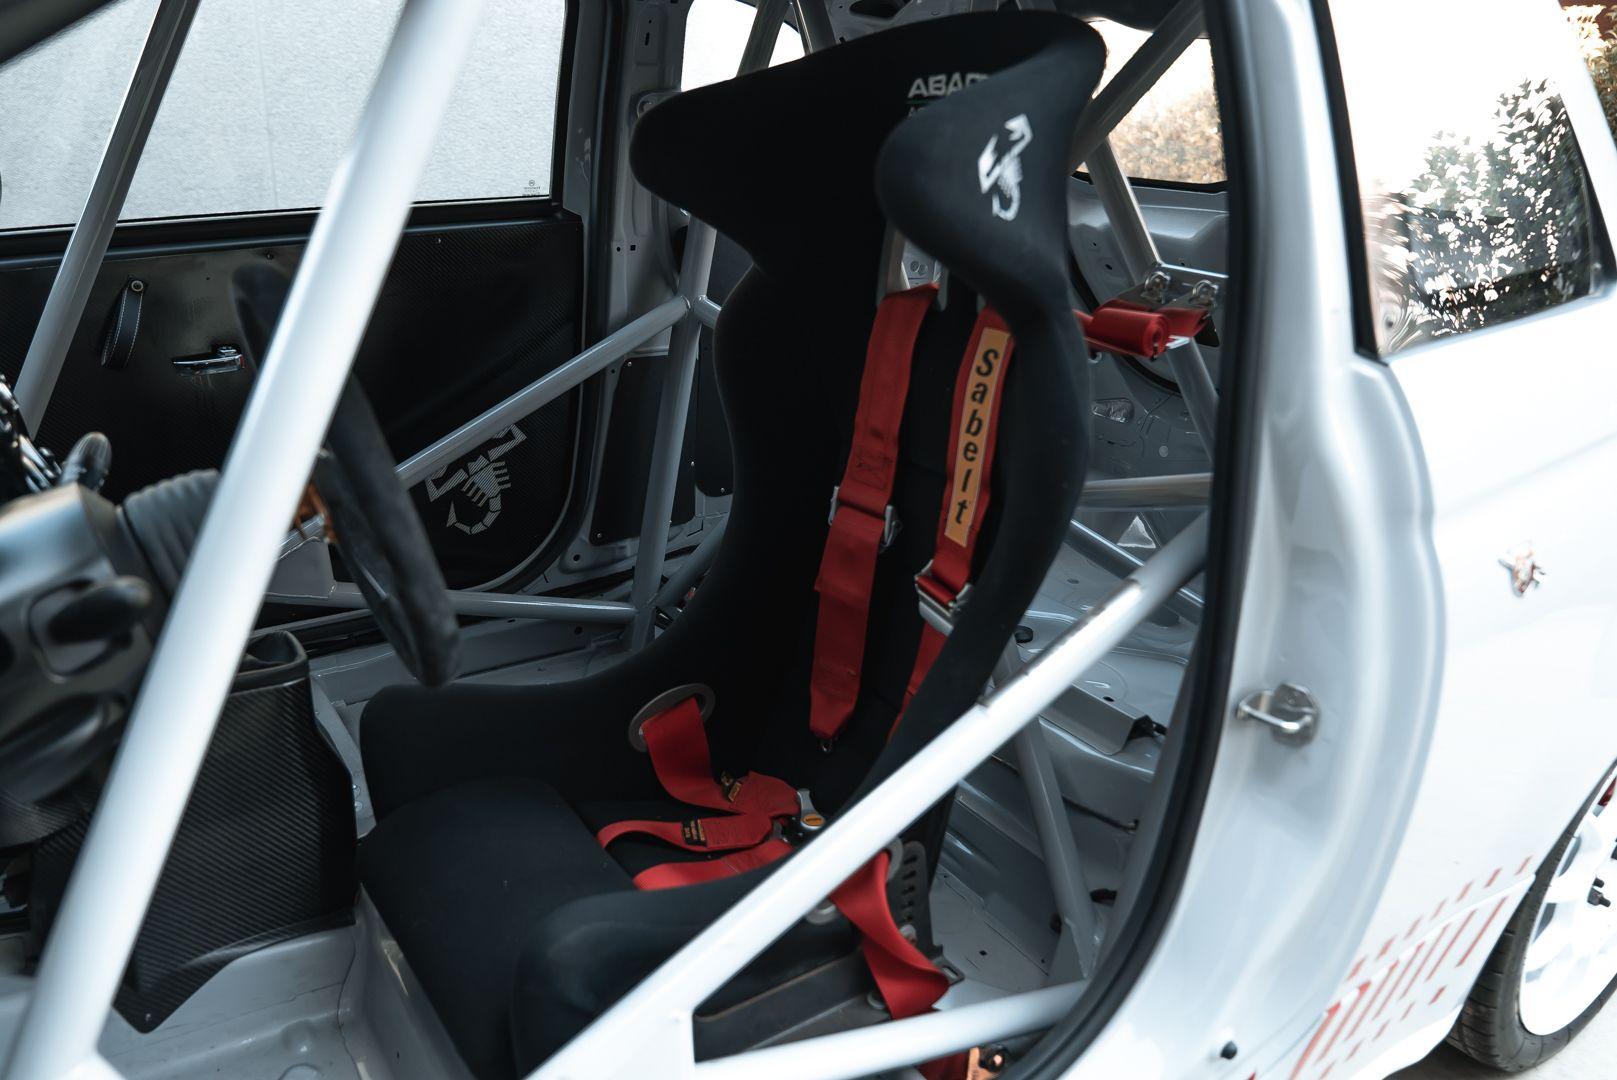 2008 Fiat 500 Abarth Assetto Corse 49/49 79338